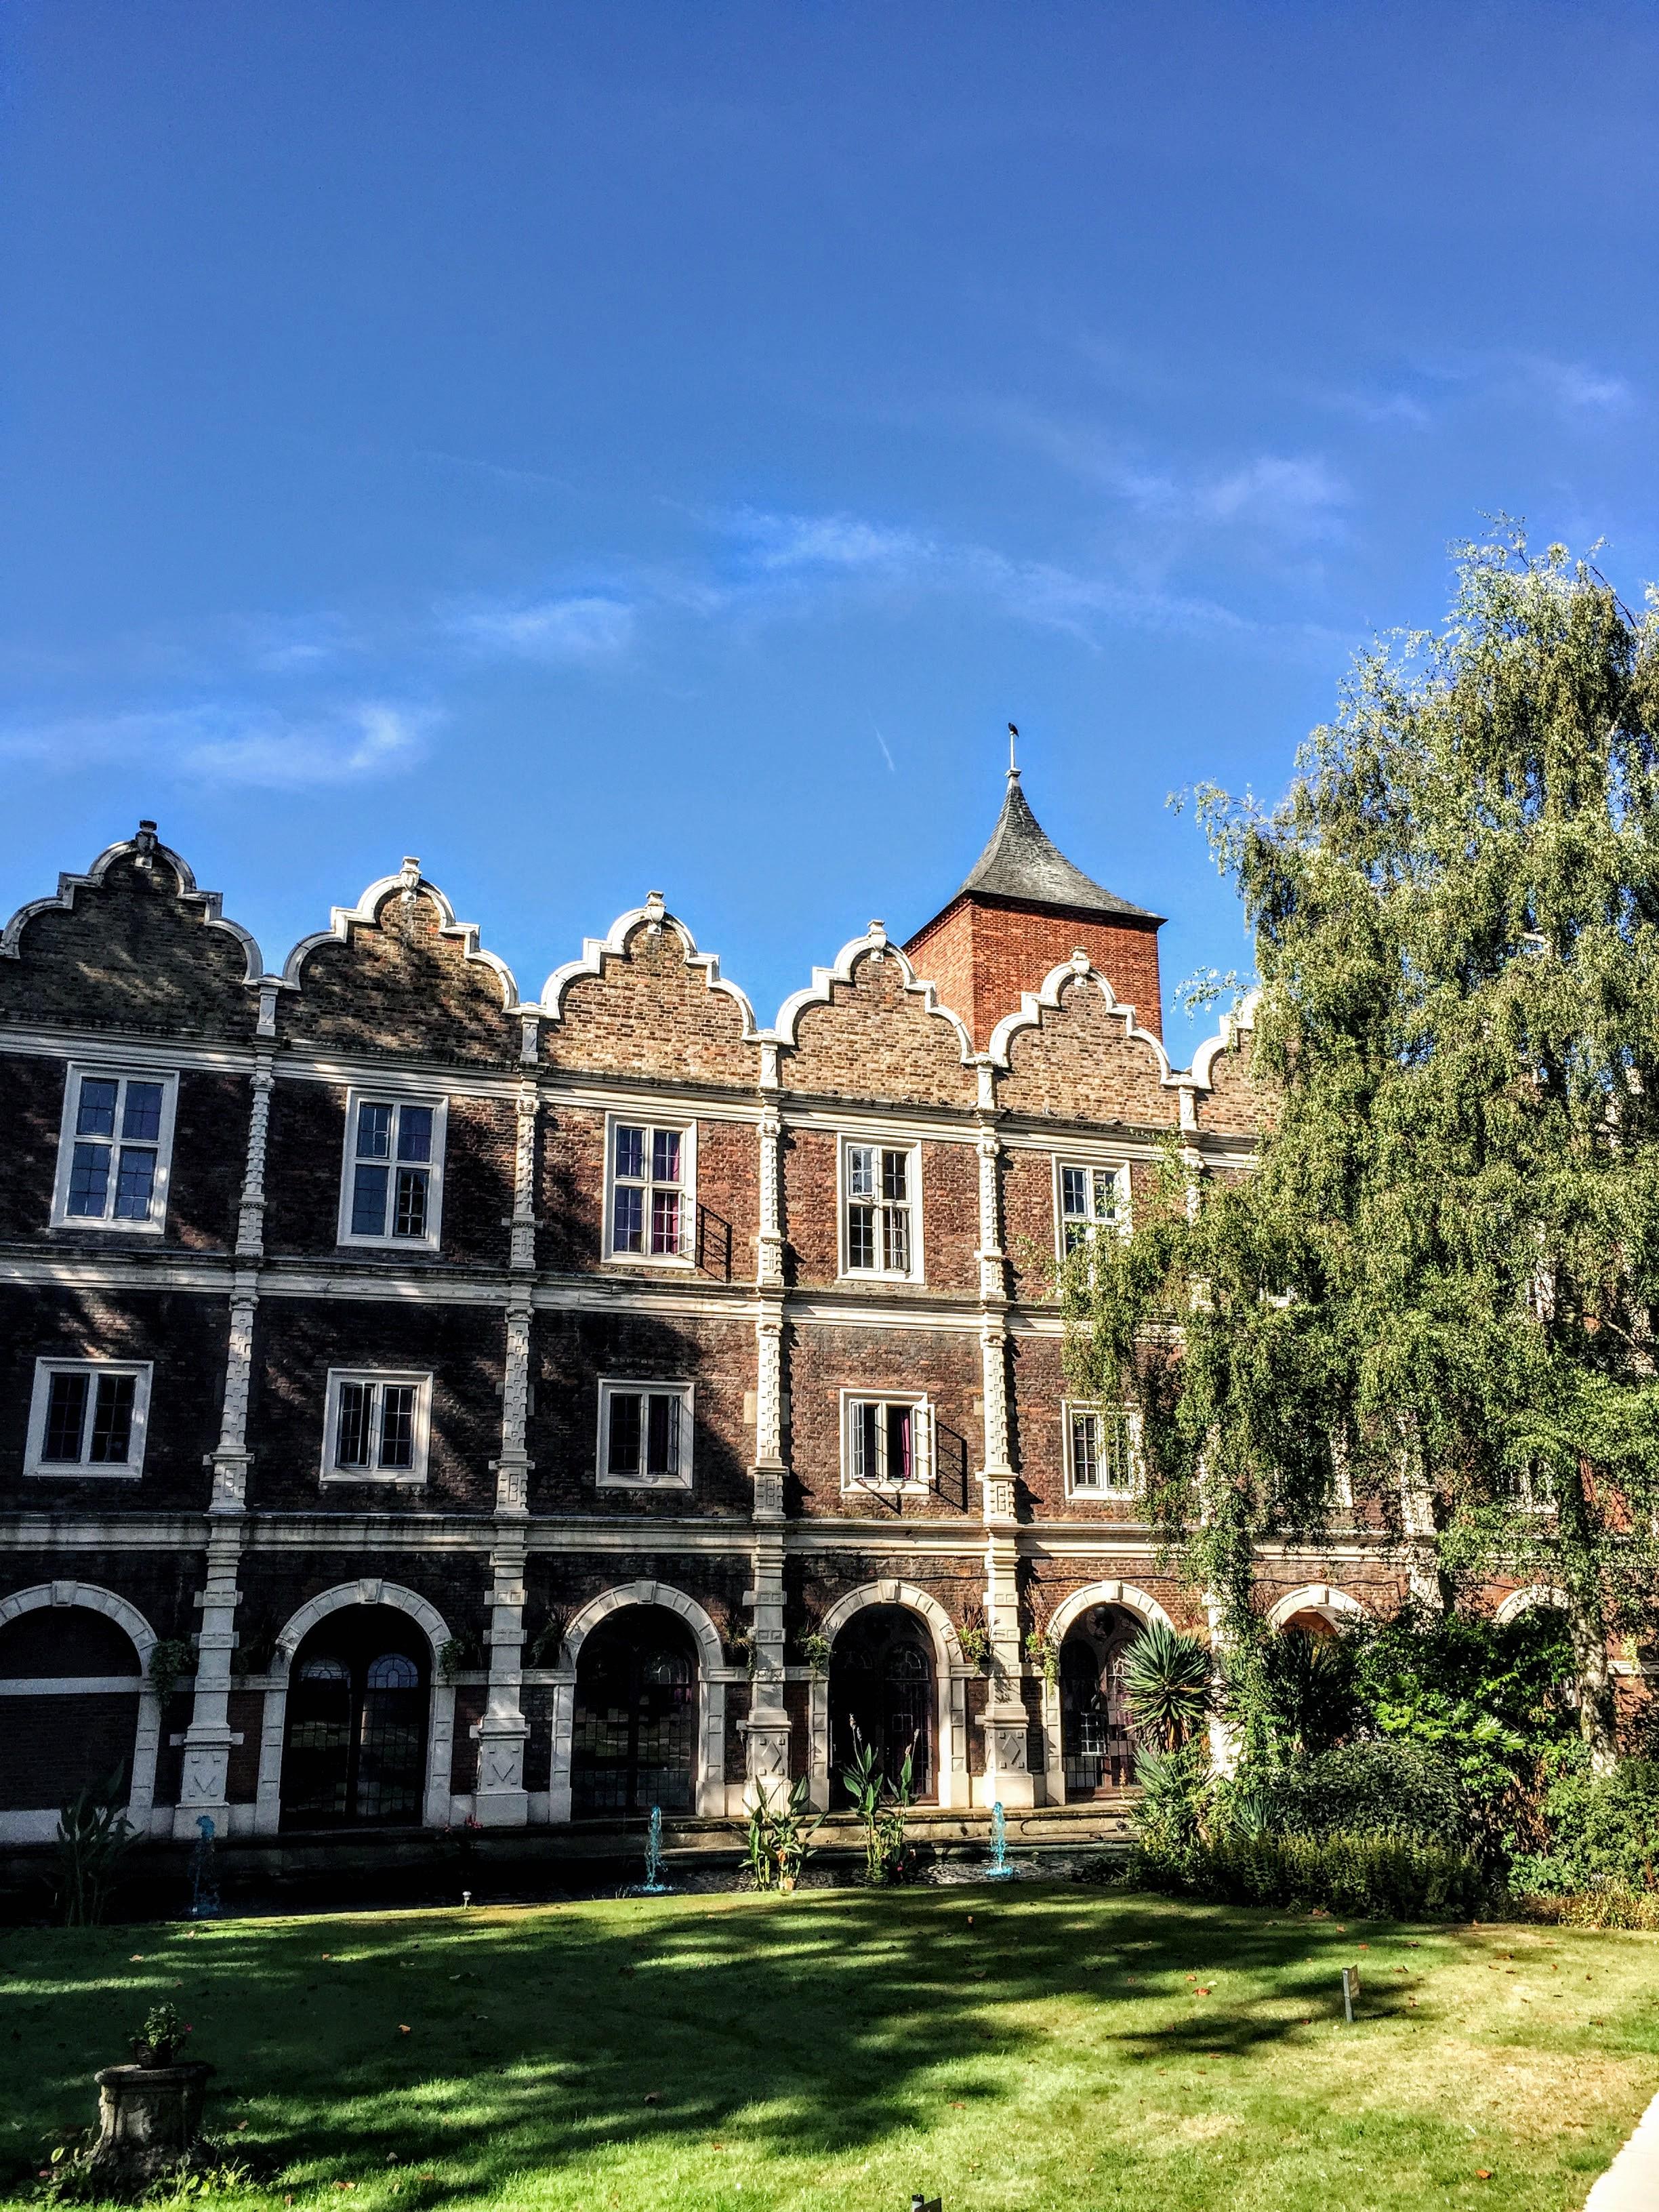 My hostel in London